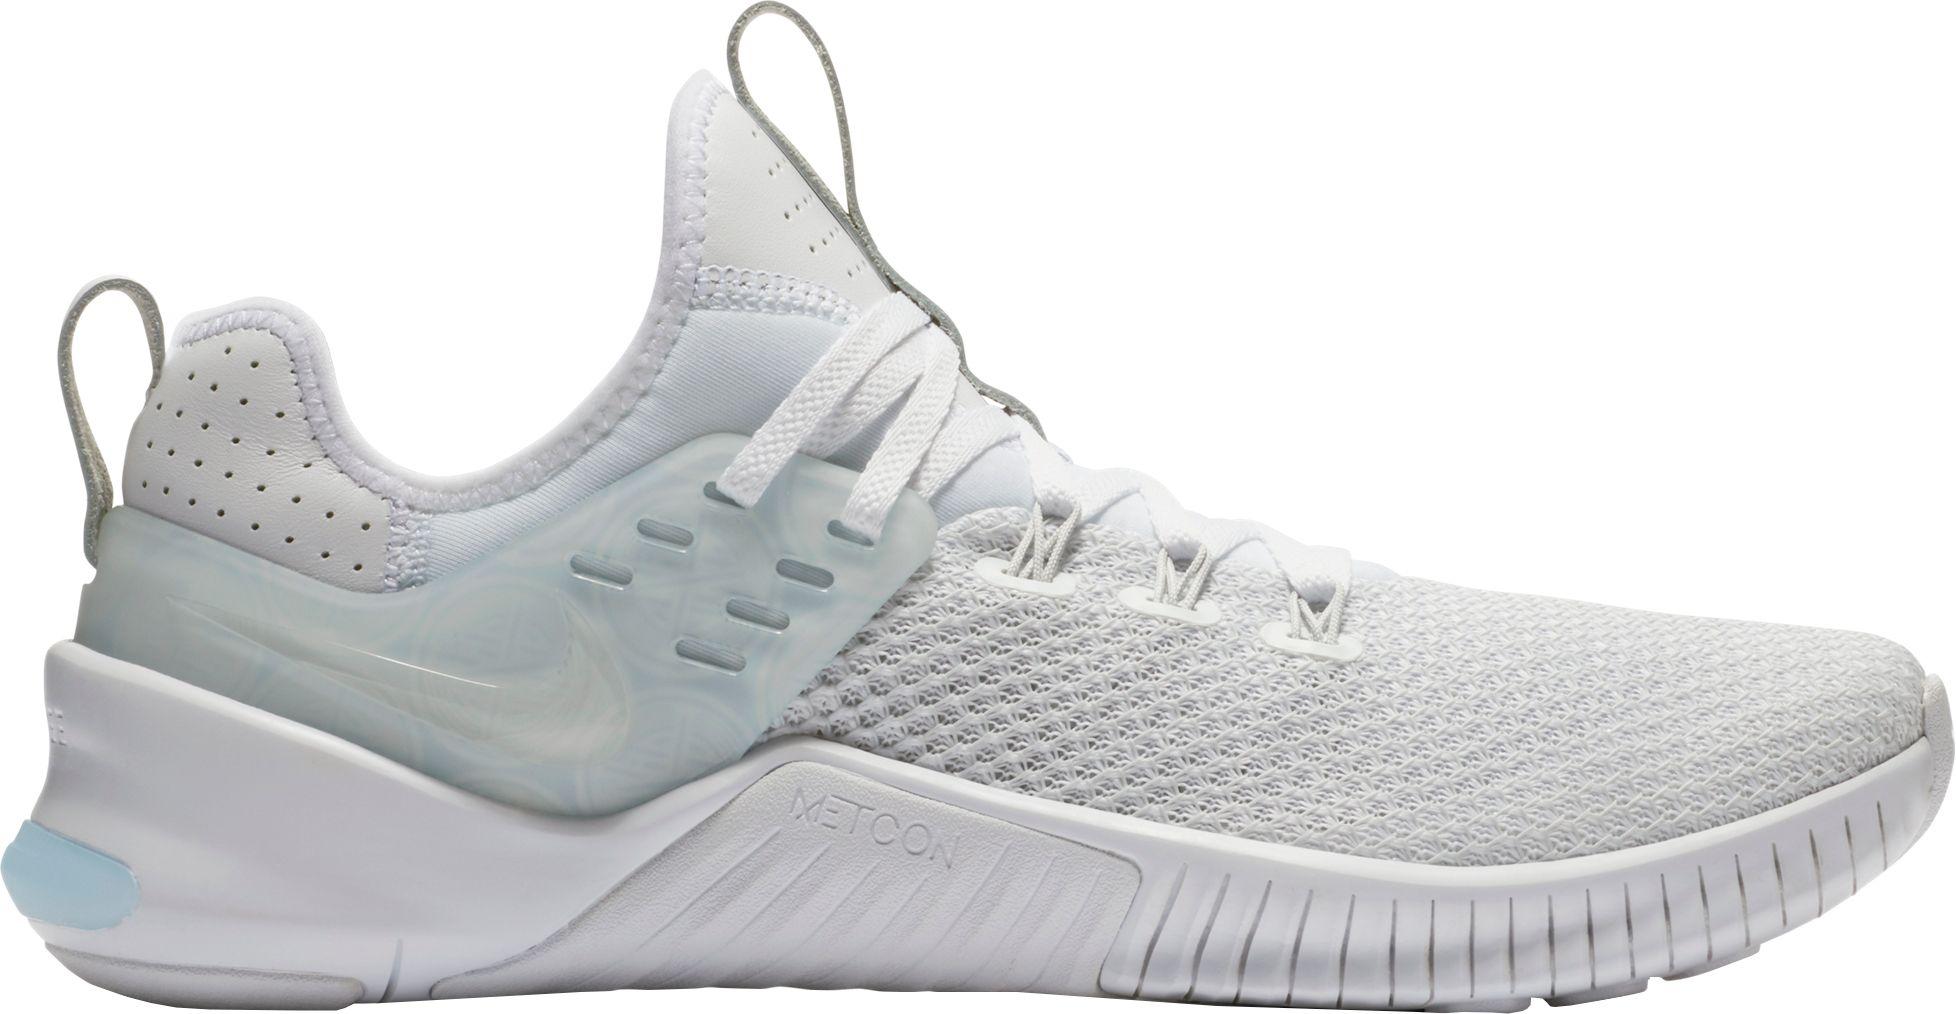 Nike Hombres Free X Metcon Cr7 'S Zapatos De Entrenamiento Dick 'S Cr7 Sporting Goods ac6ee3